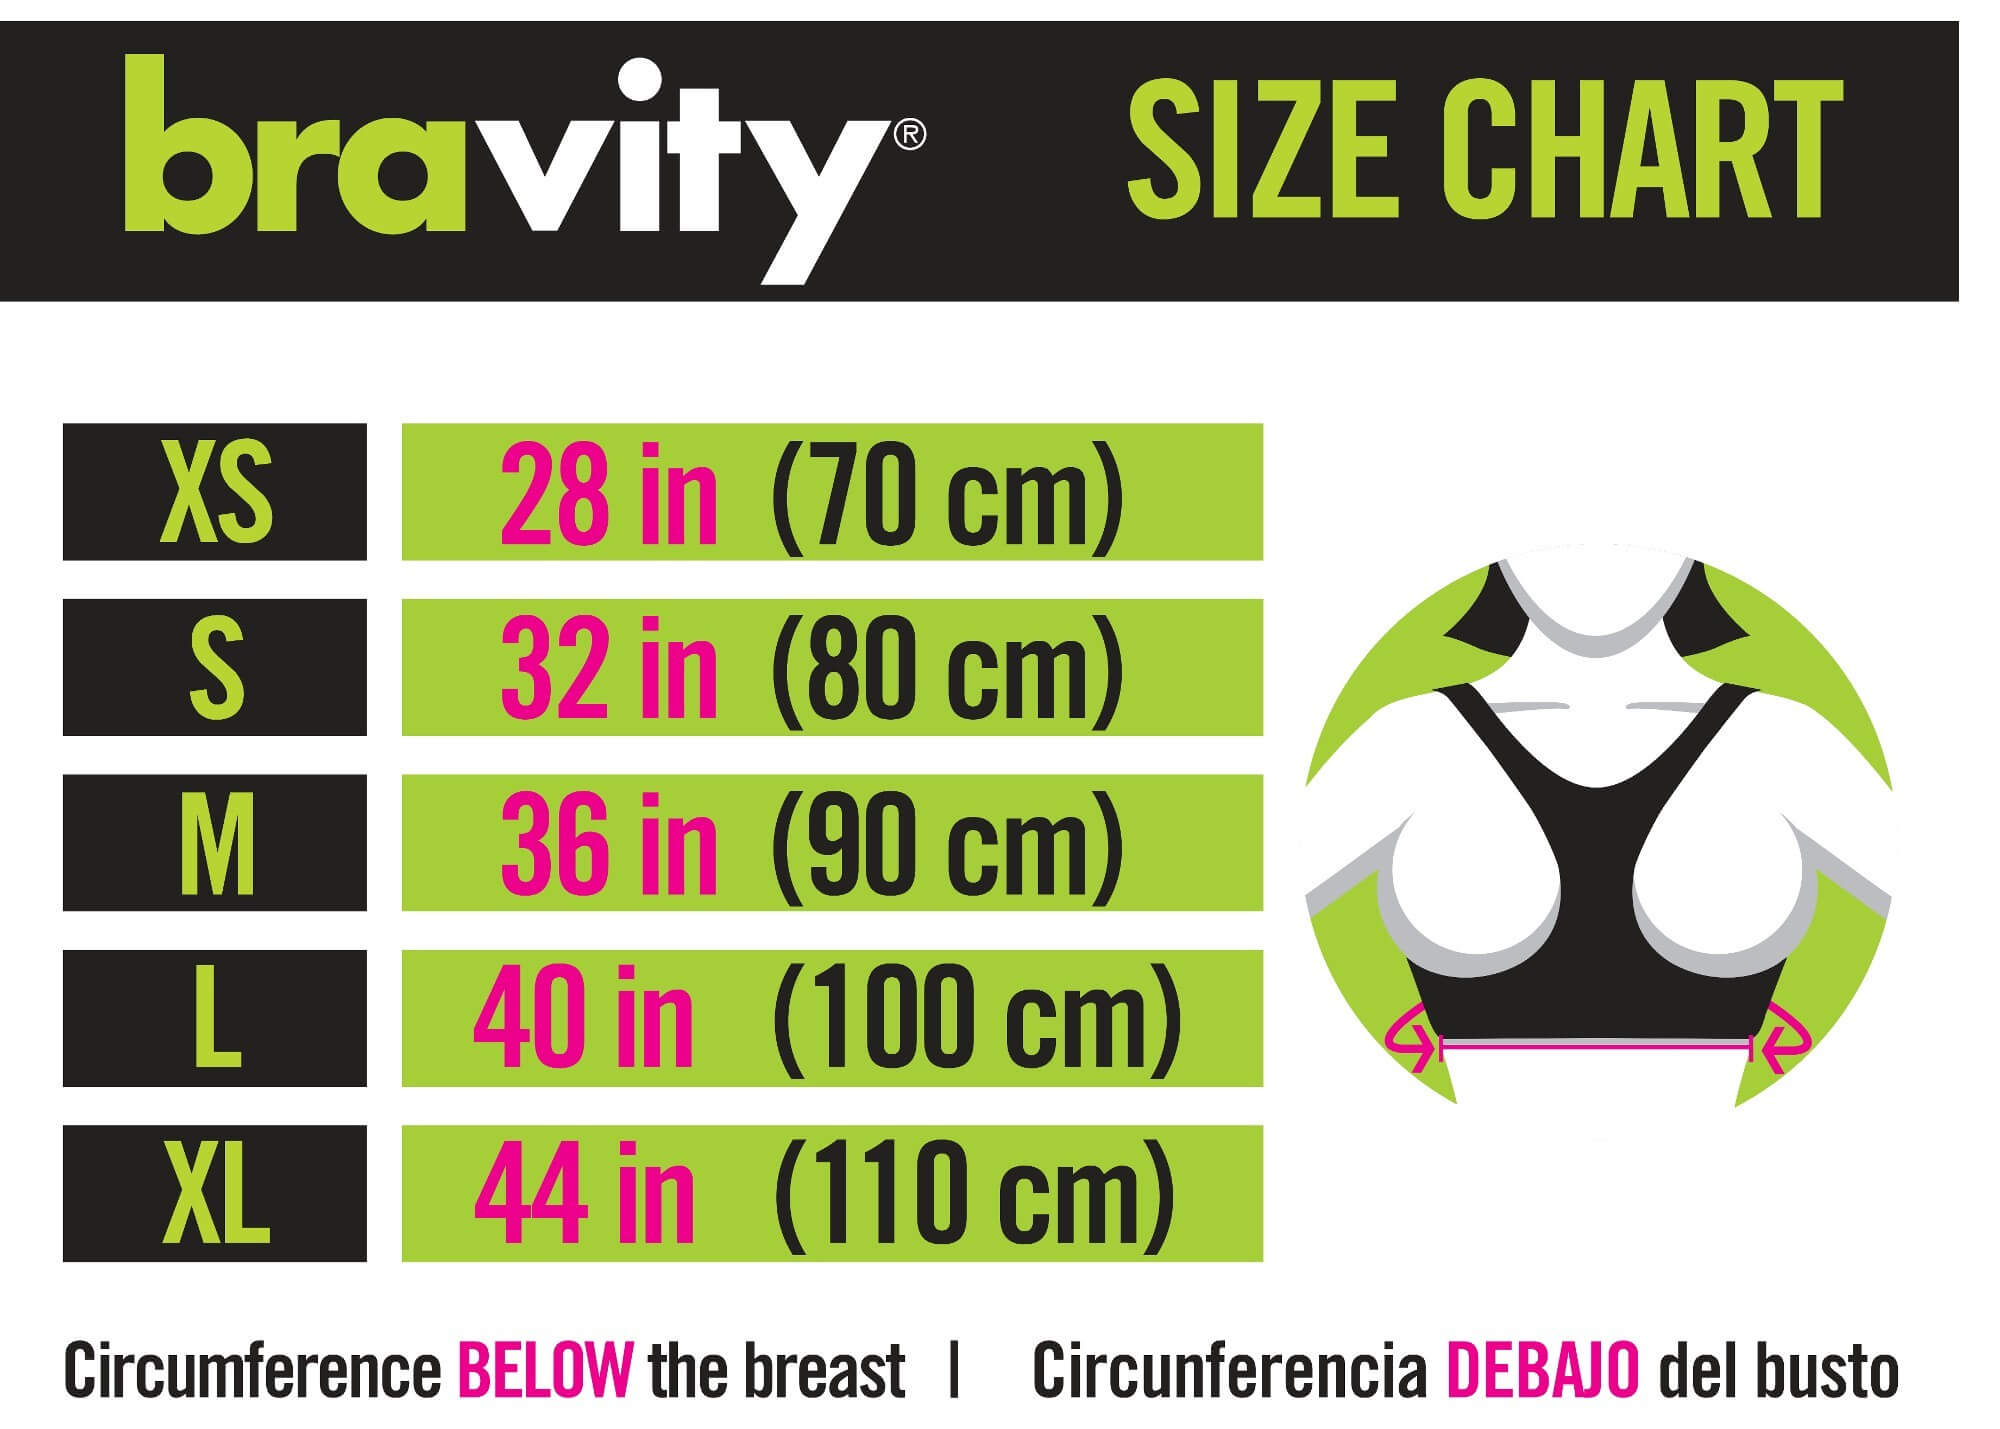 bravity sizes